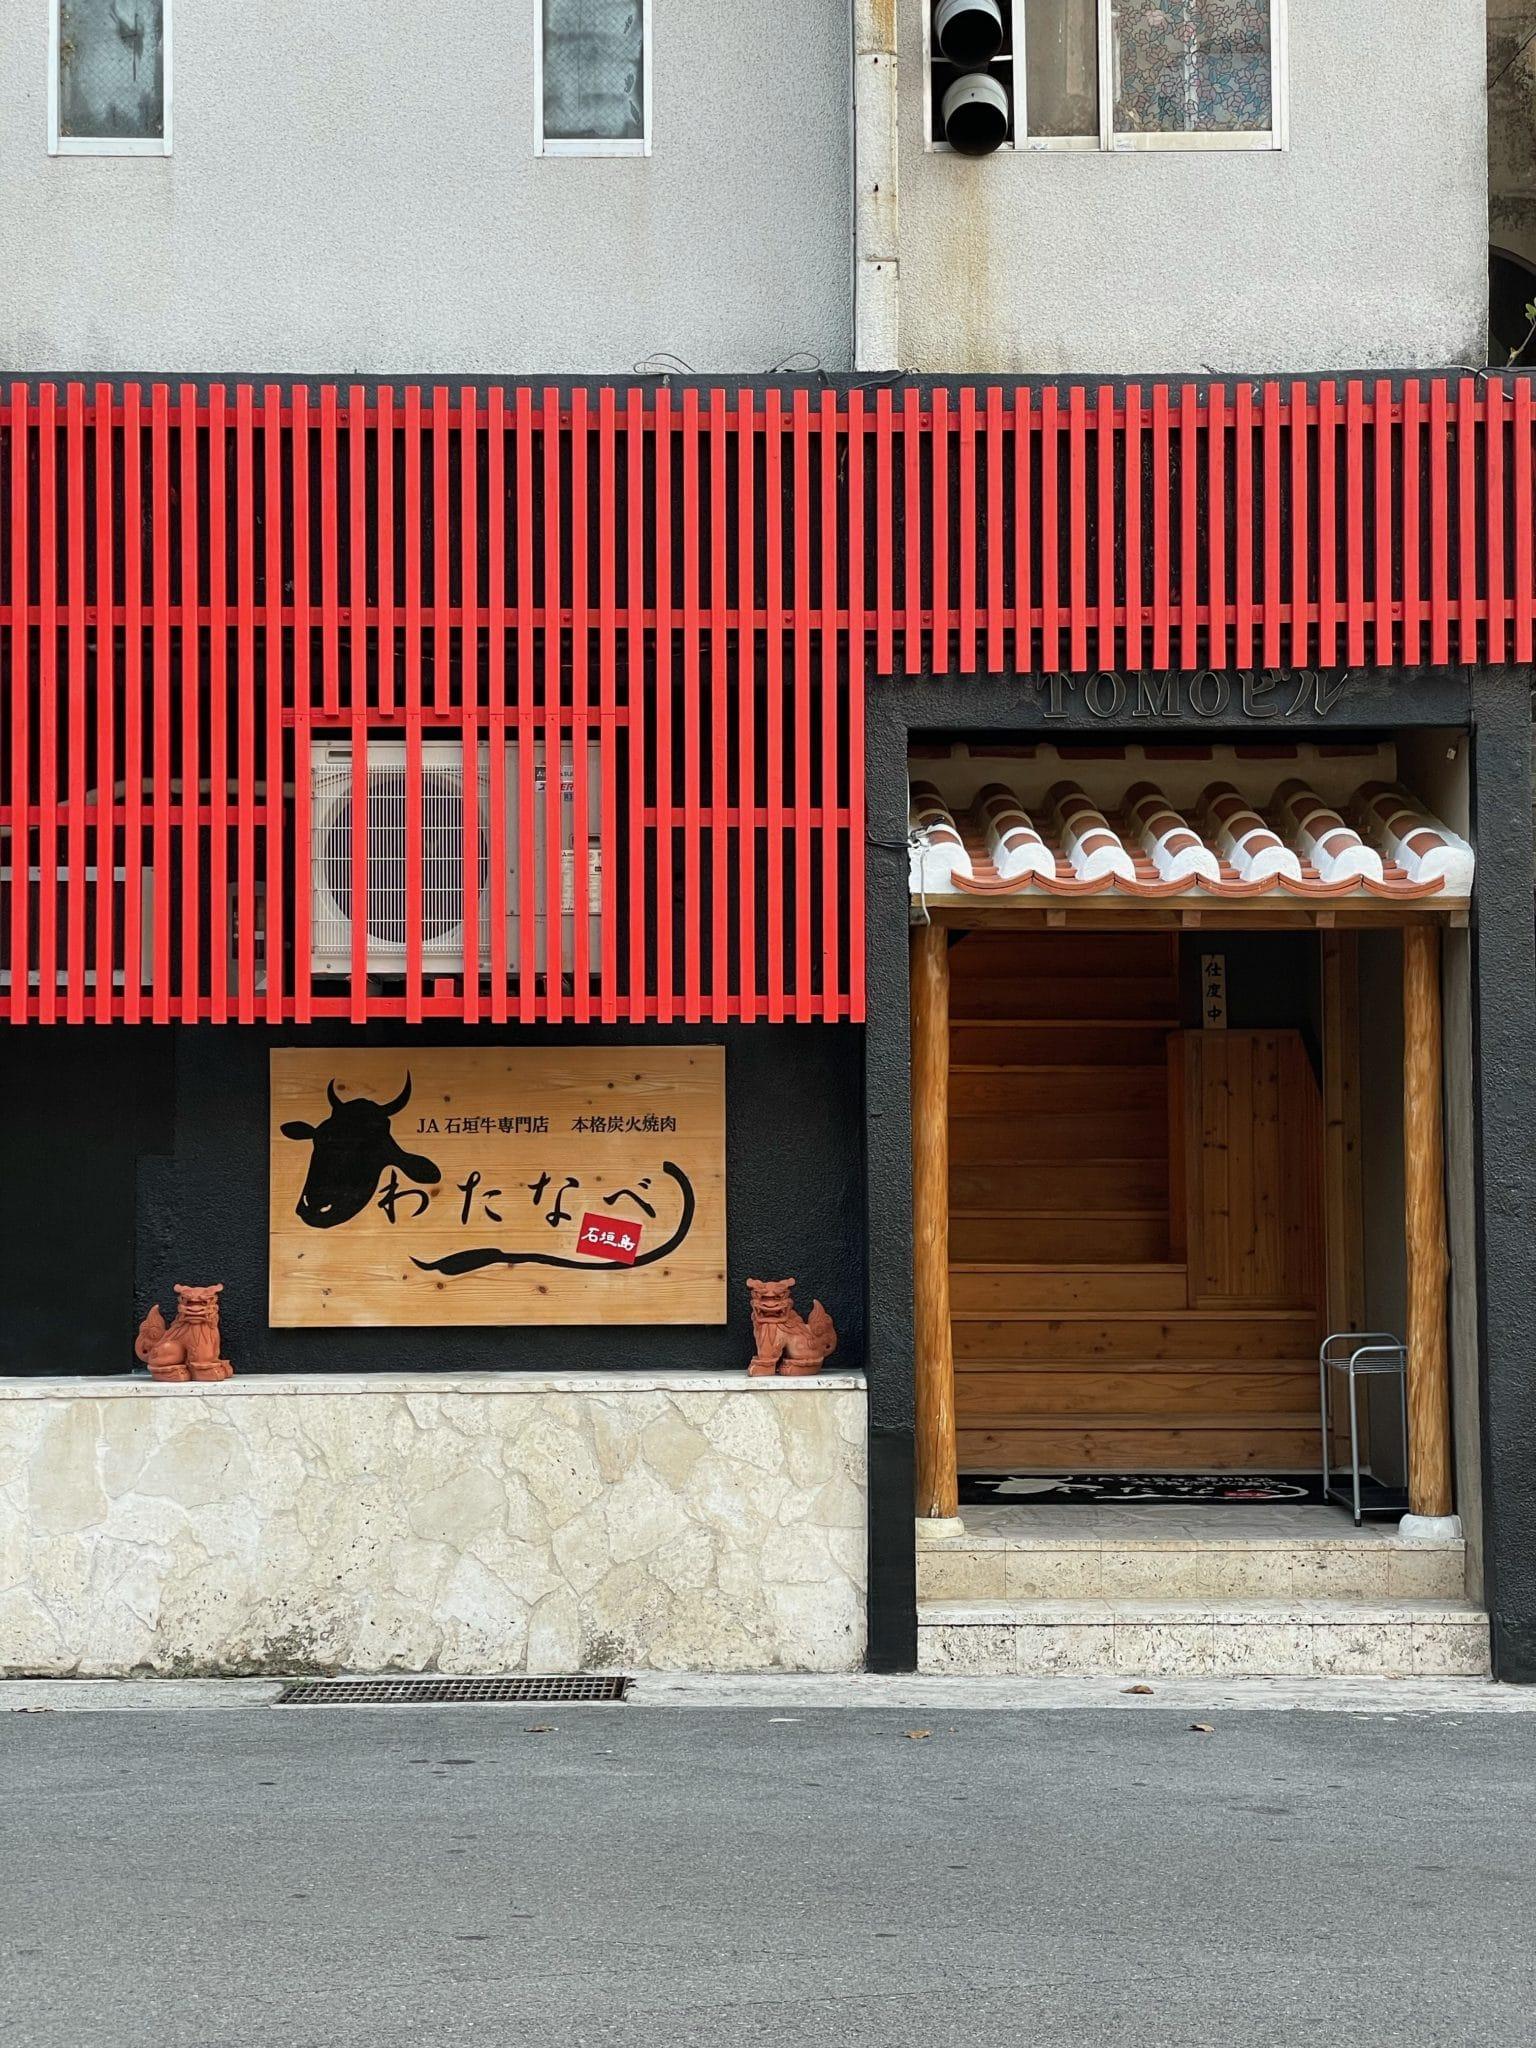 ケイソウくん施工例石垣島焼肉店